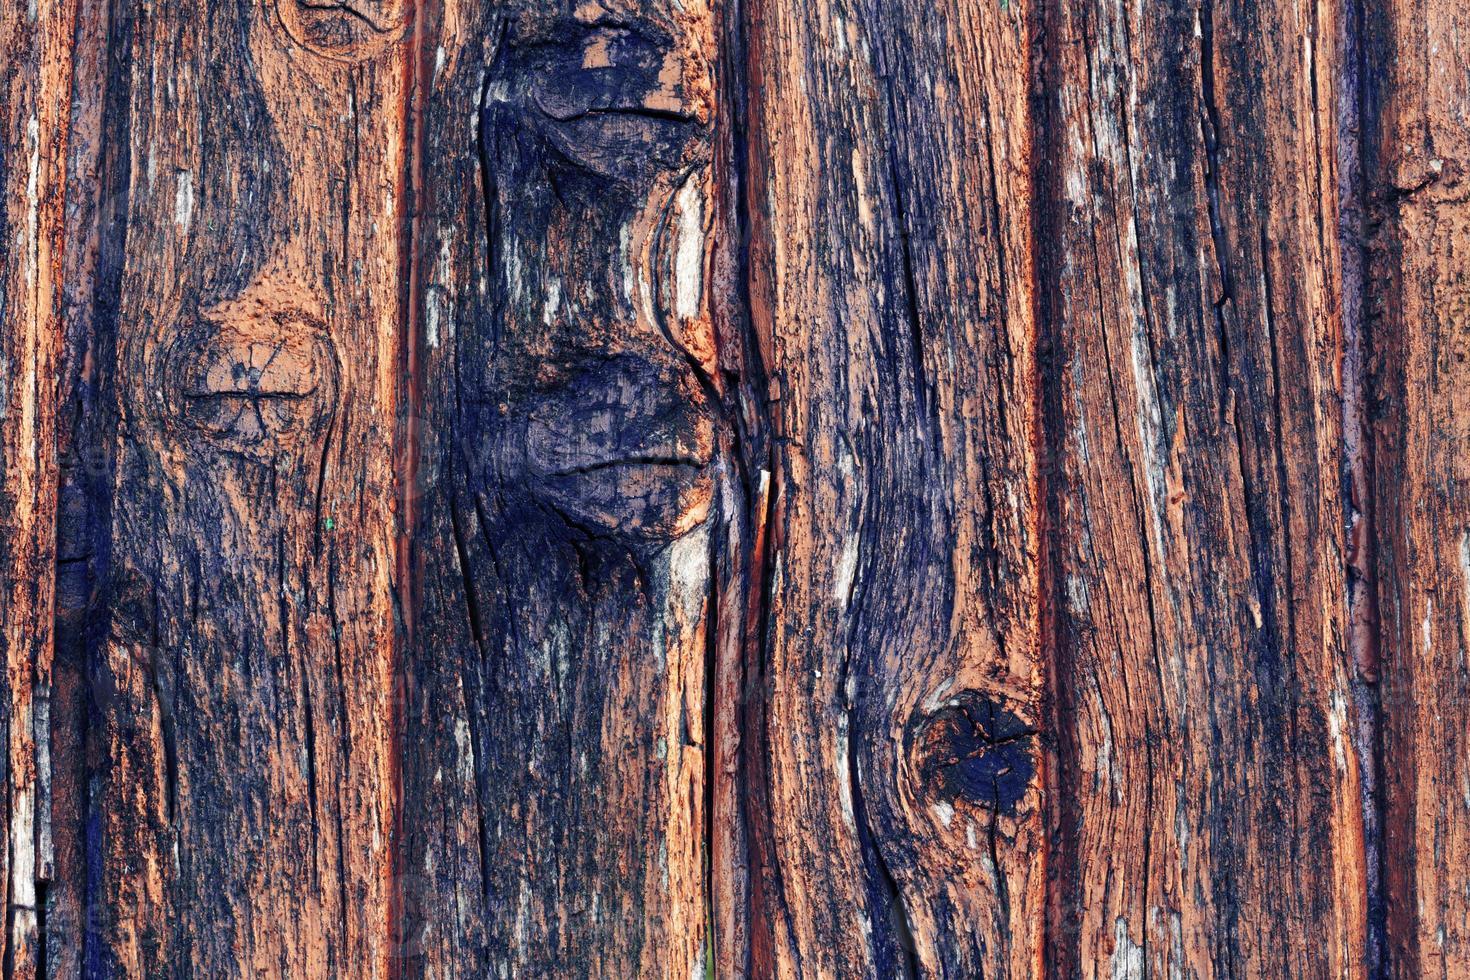 fundo de madeira é um vintage retrô velho foto